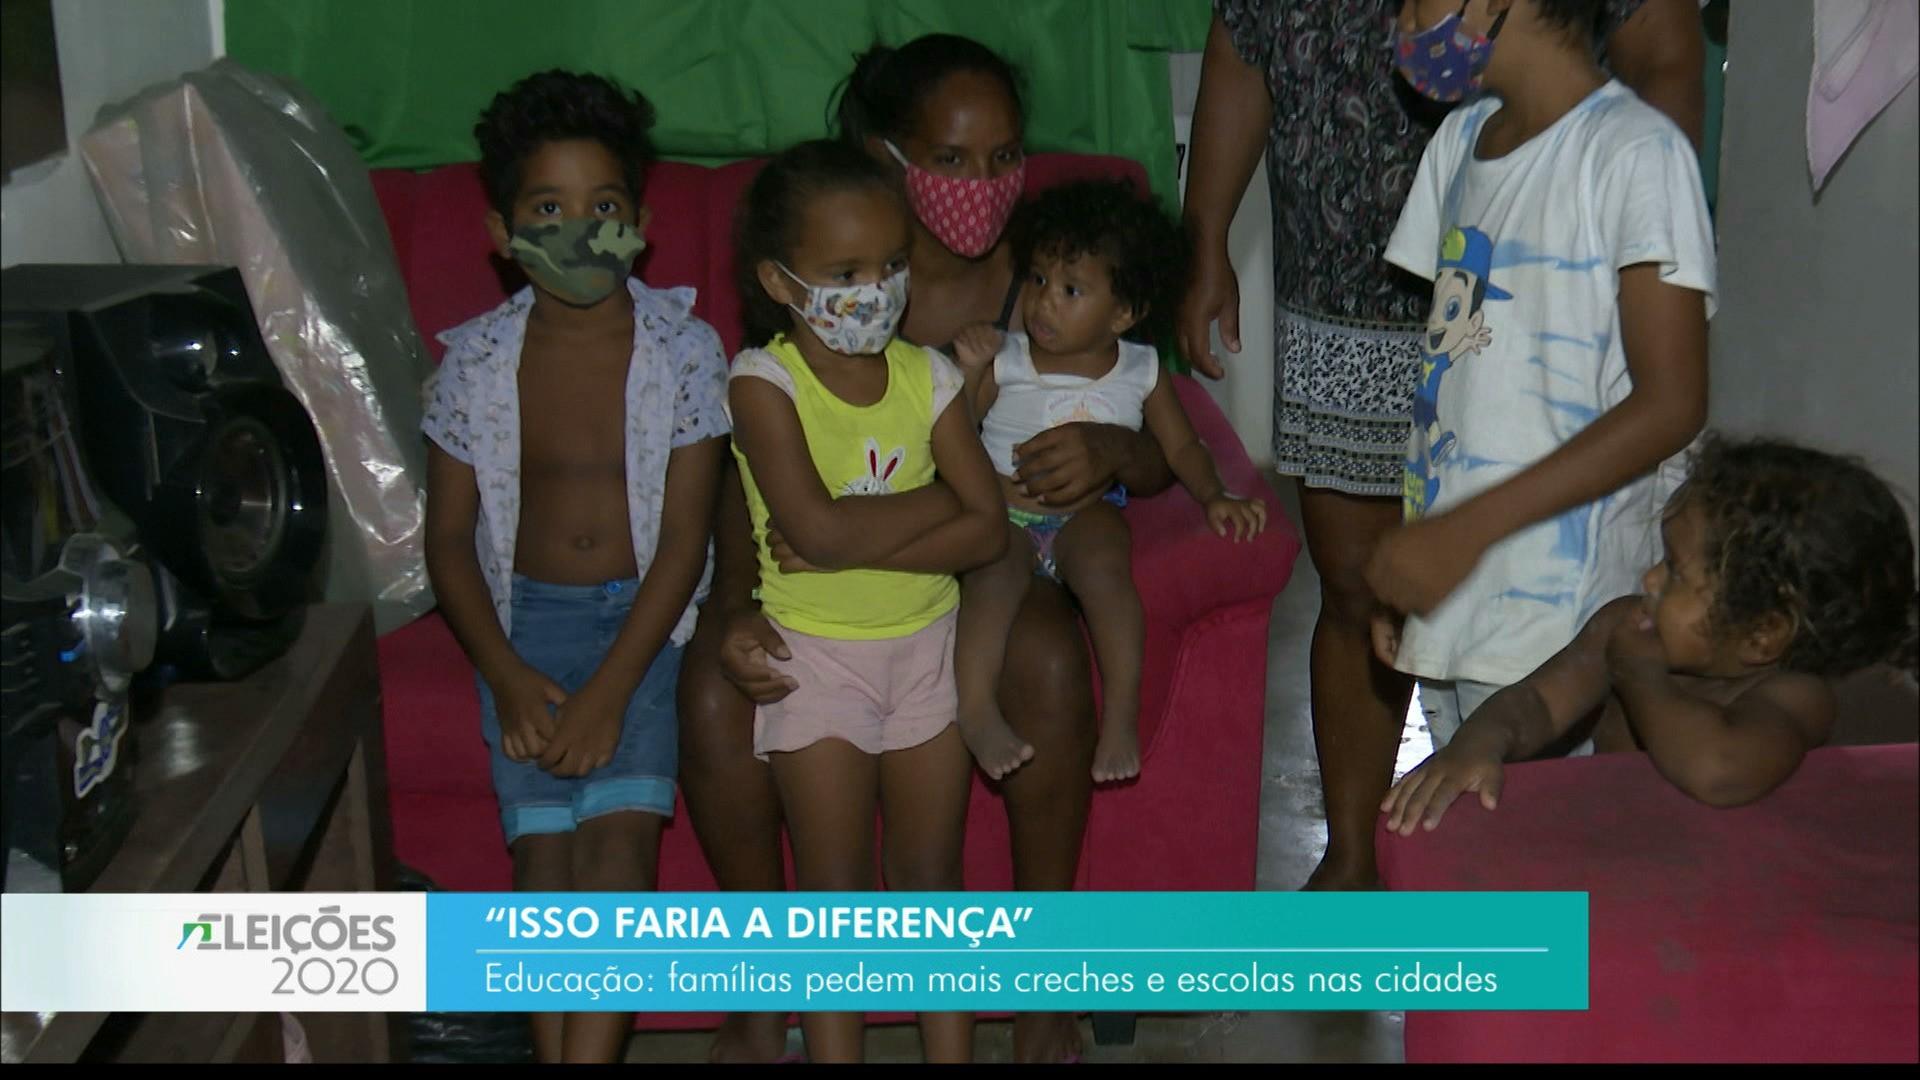 VÍDEOS: JPB2 (TV Cabo Branco) desta terça-feira, 27 de outubro